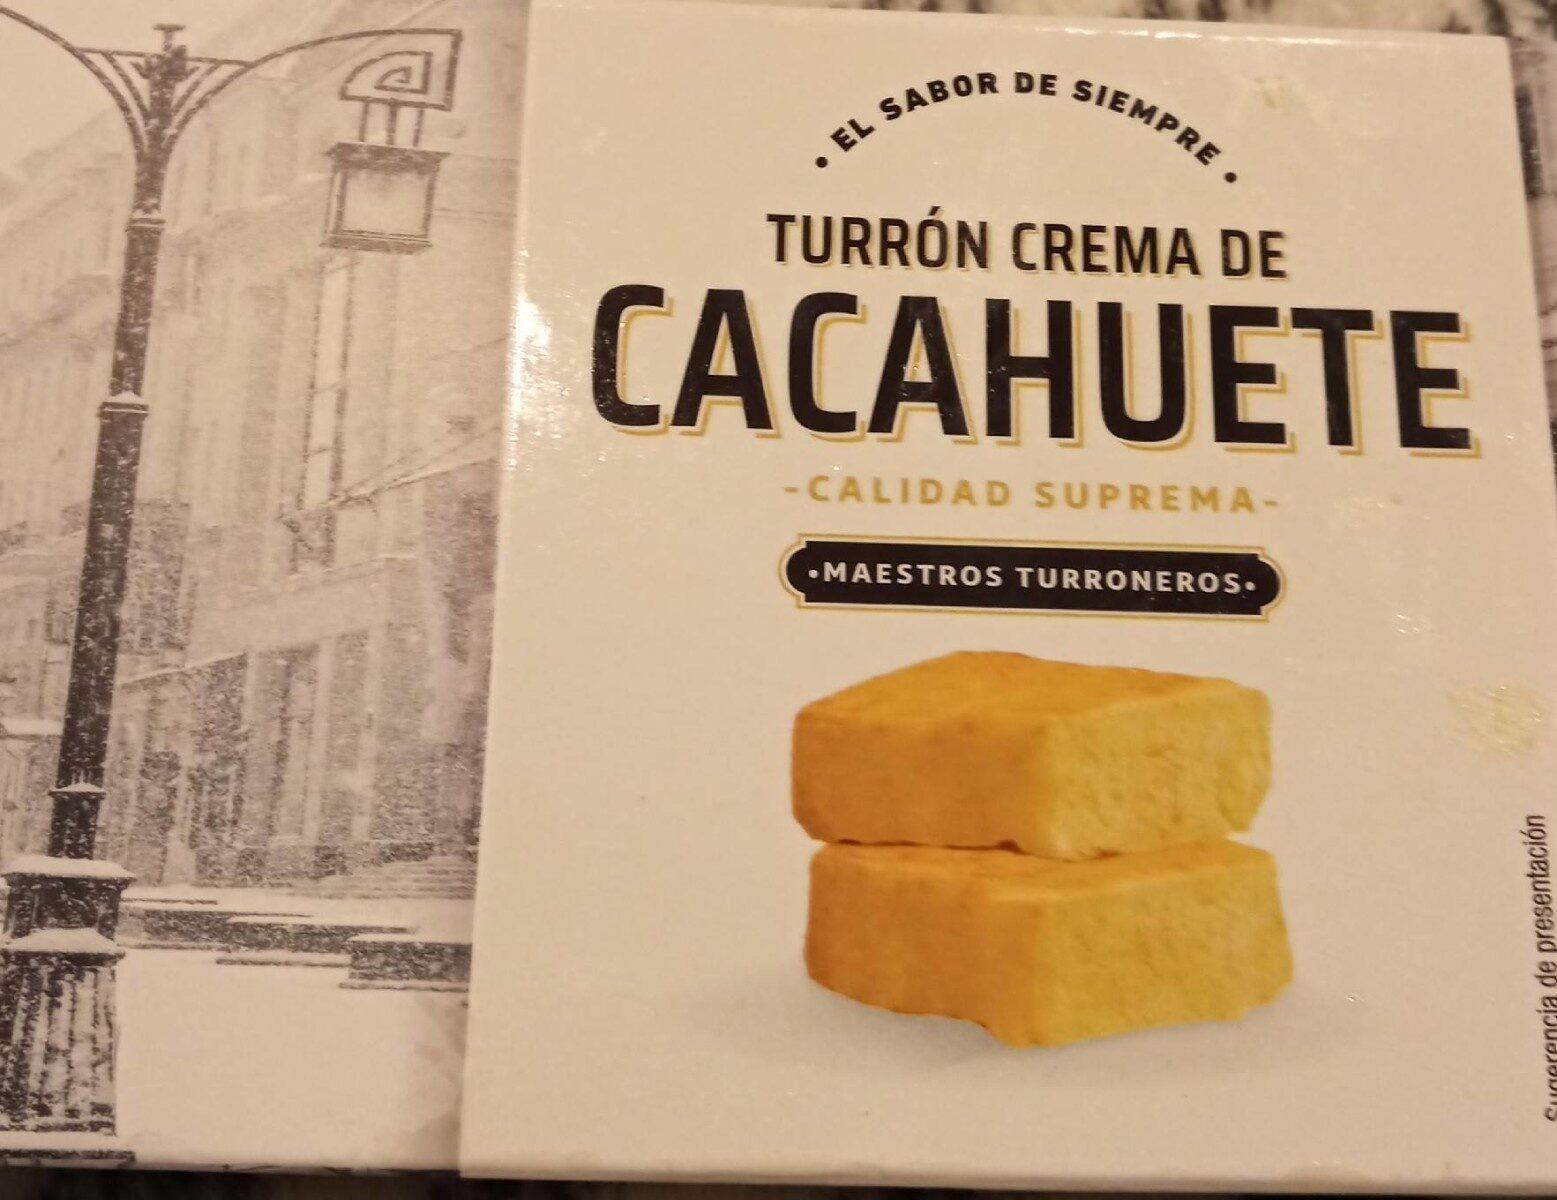 Turron crema cacahuete - Producto - es